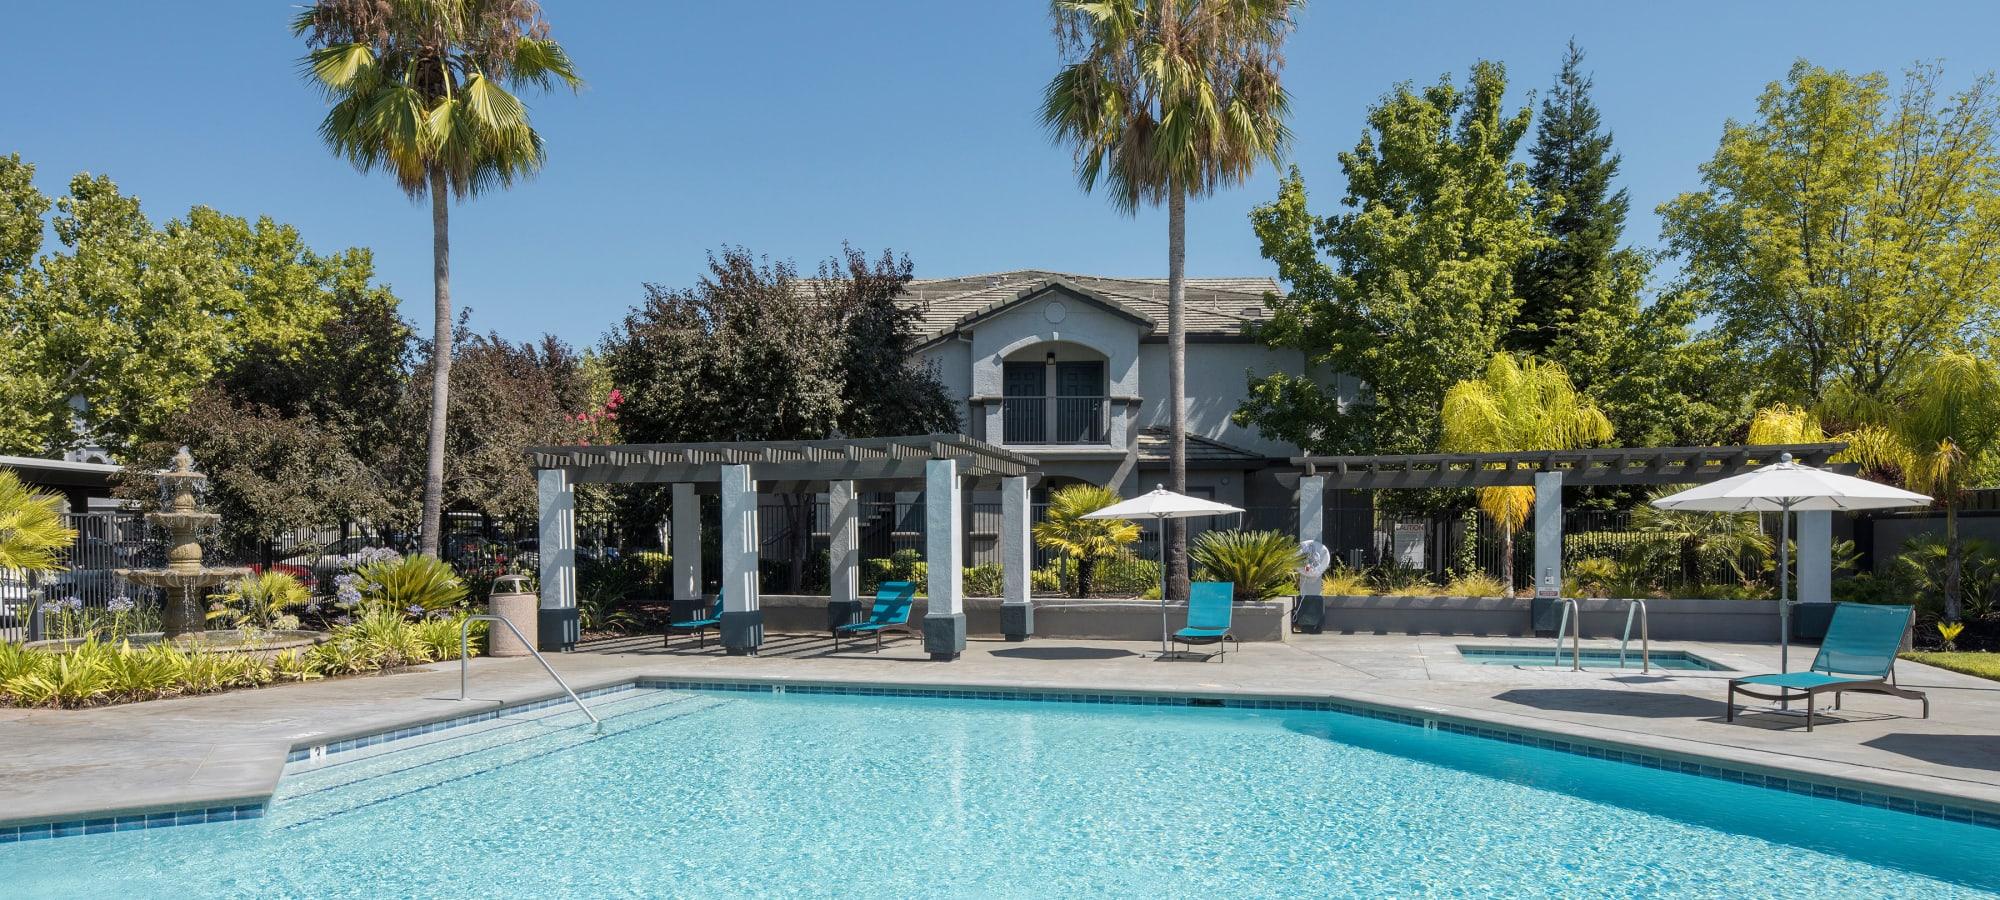 Swimming pool at Avion Apartments in Rancho Cordova, California